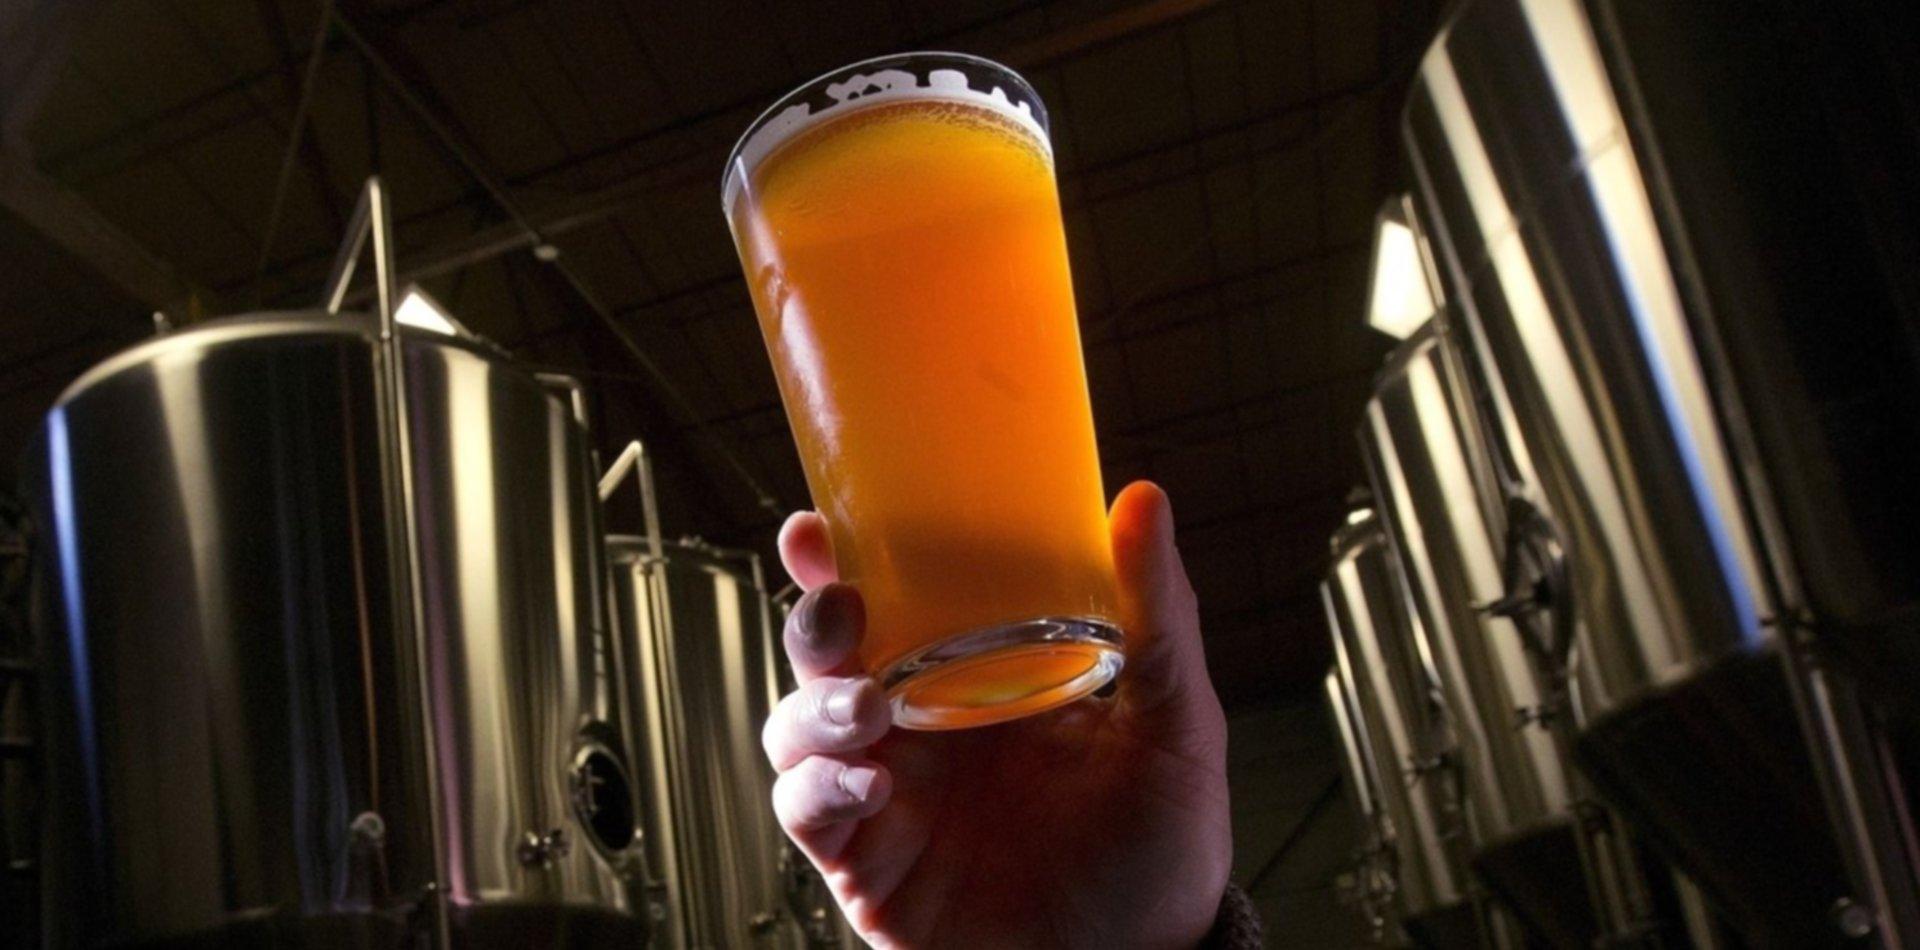 Birra en casa: ¿qué se necesita y cuánto cuesta hacer cerveza en La Plata?